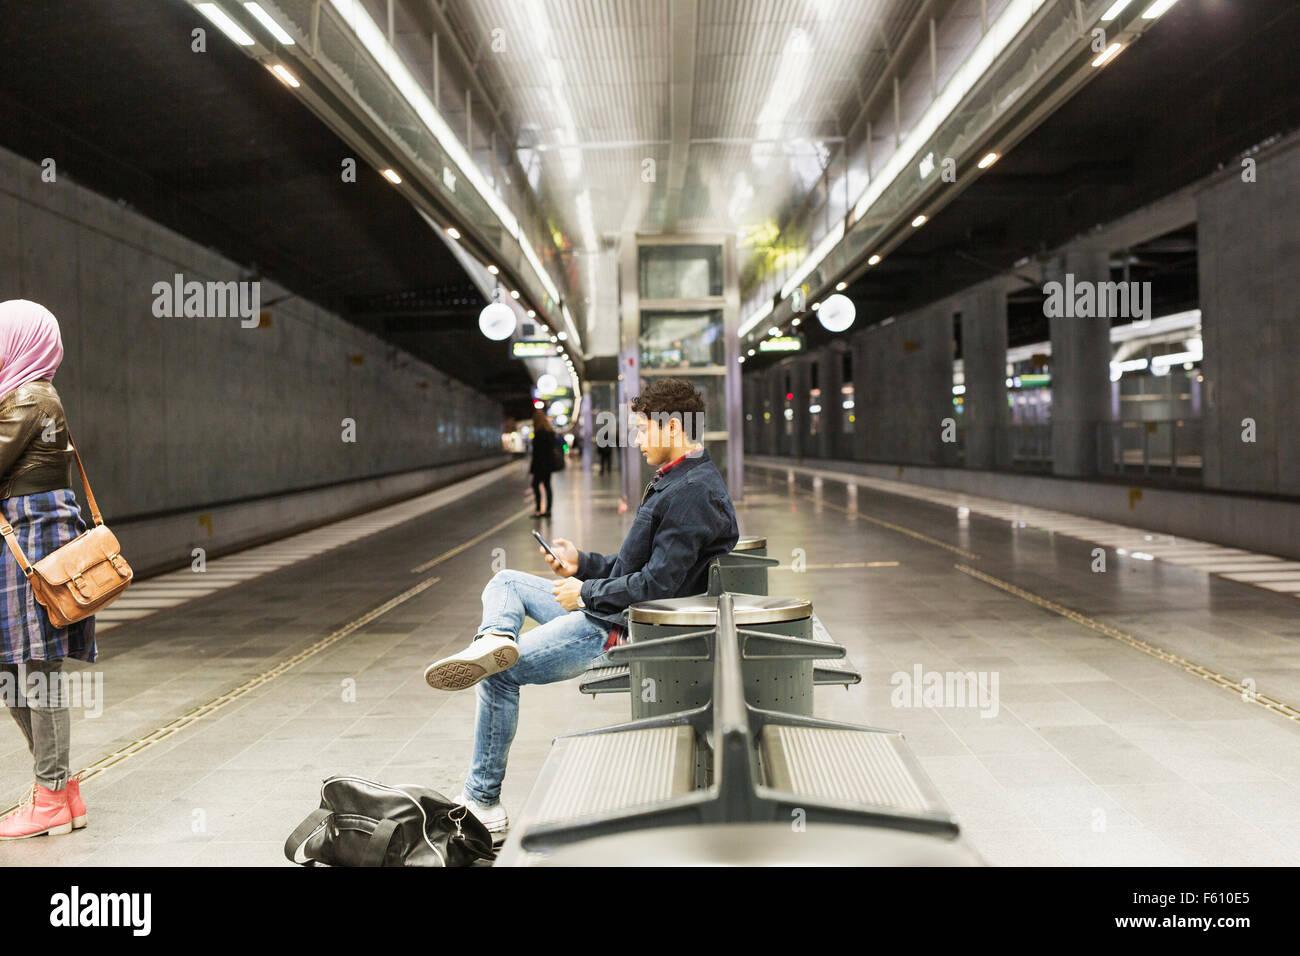 Vista lateral del hombre utilizando smart phone mientras está sentado en la plataforma de la estación Imagen De Stock